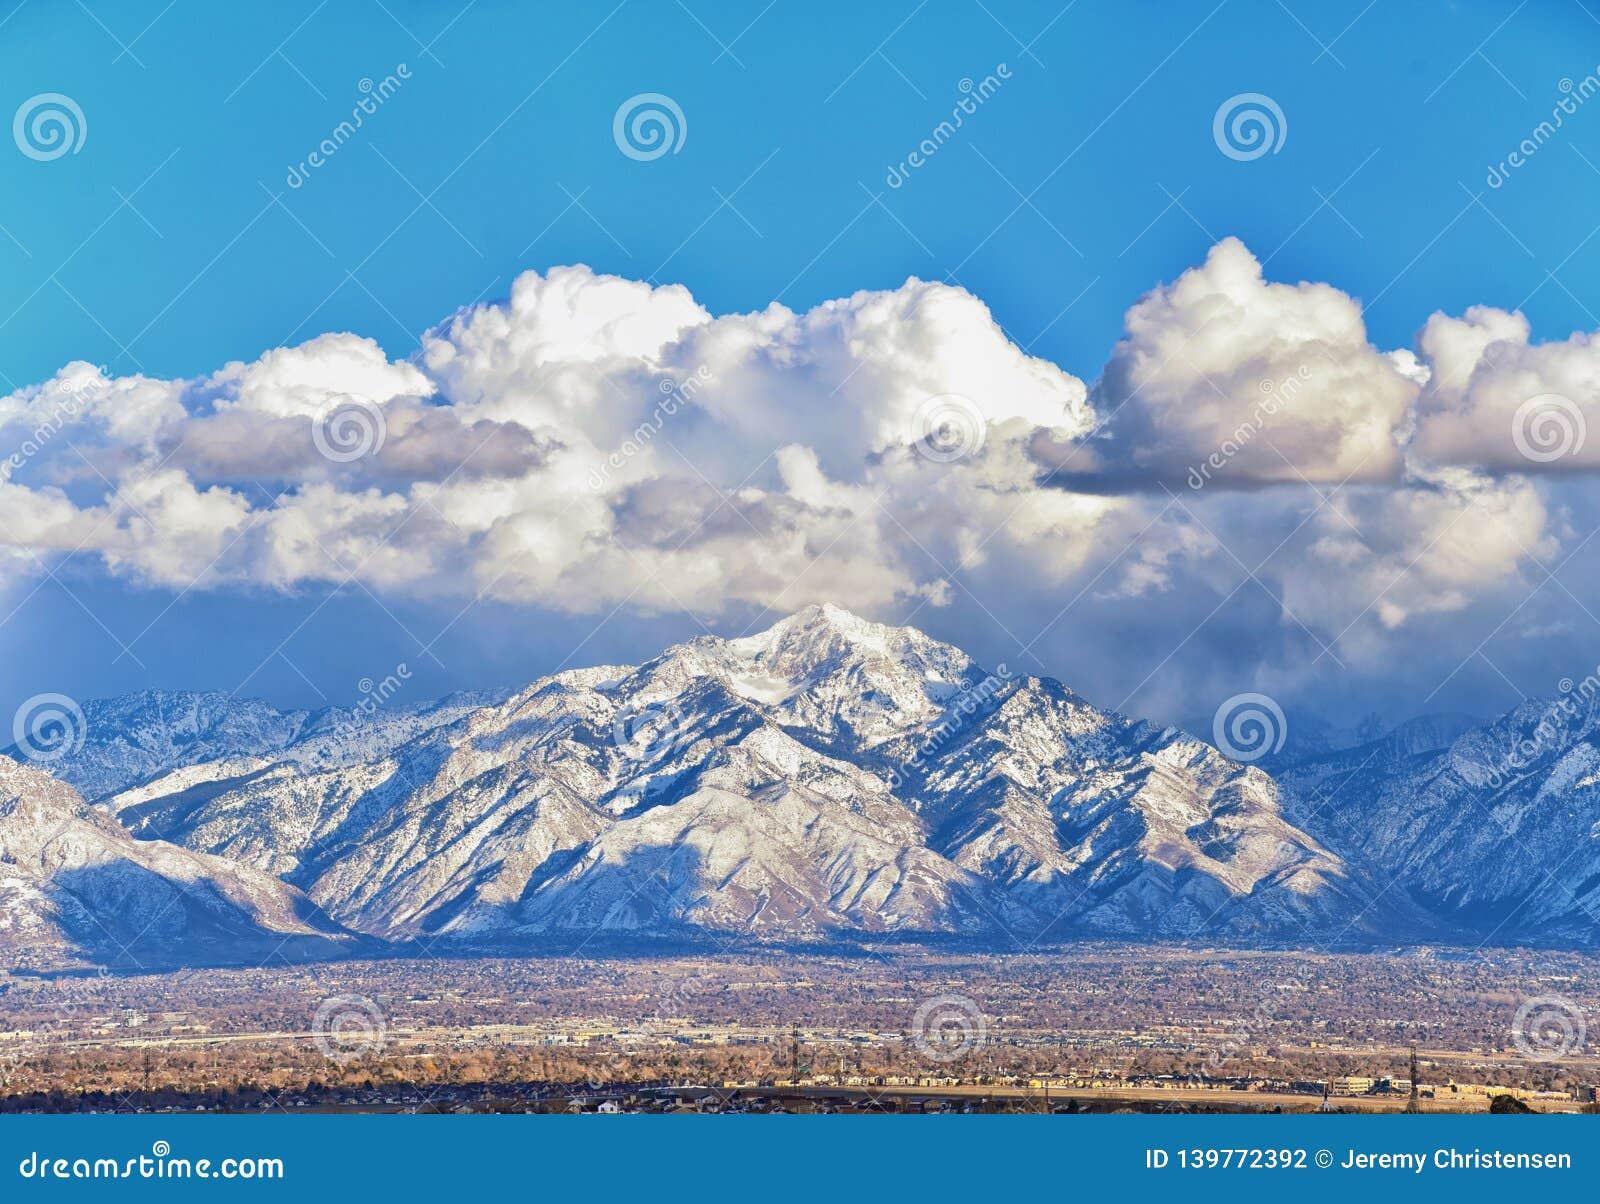 Η χειμερινή πανοραμική άποψη του χιονιού κάλυψε τα μπροστινά δύσκολα βουνά Wasatch, την κοιλάδα του Γκρέιτ Σωλτ Λέηκ και Cloudsca